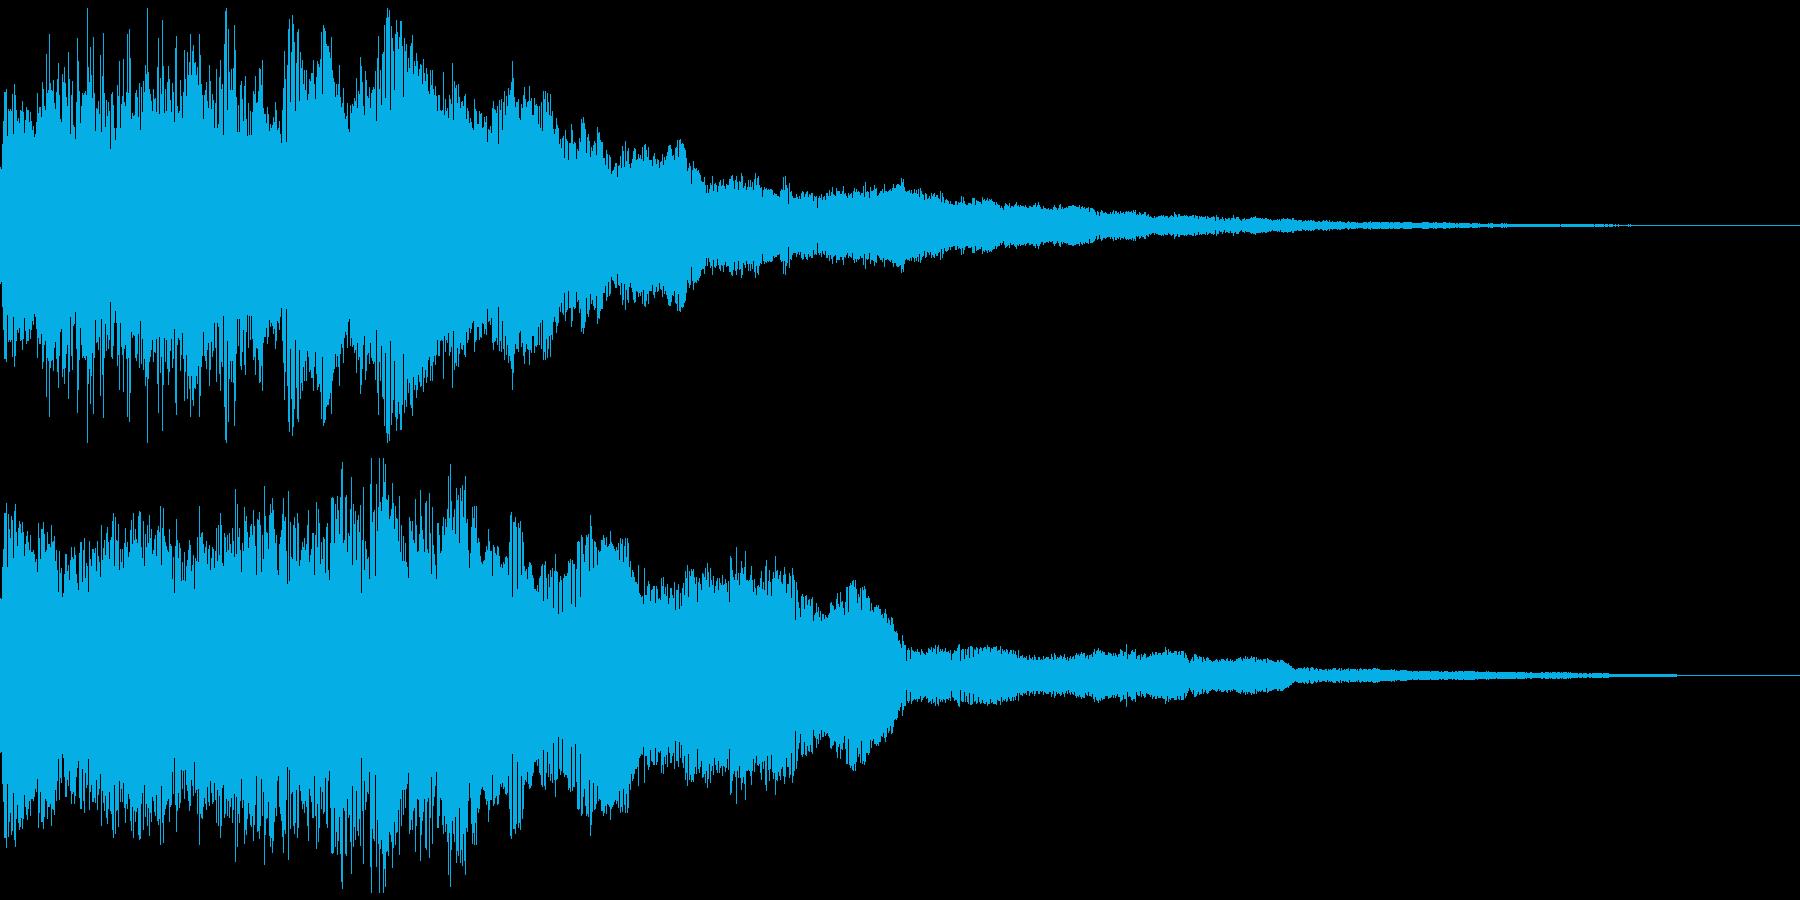 ファーーン! ホーンの音 スタート音の再生済みの波形